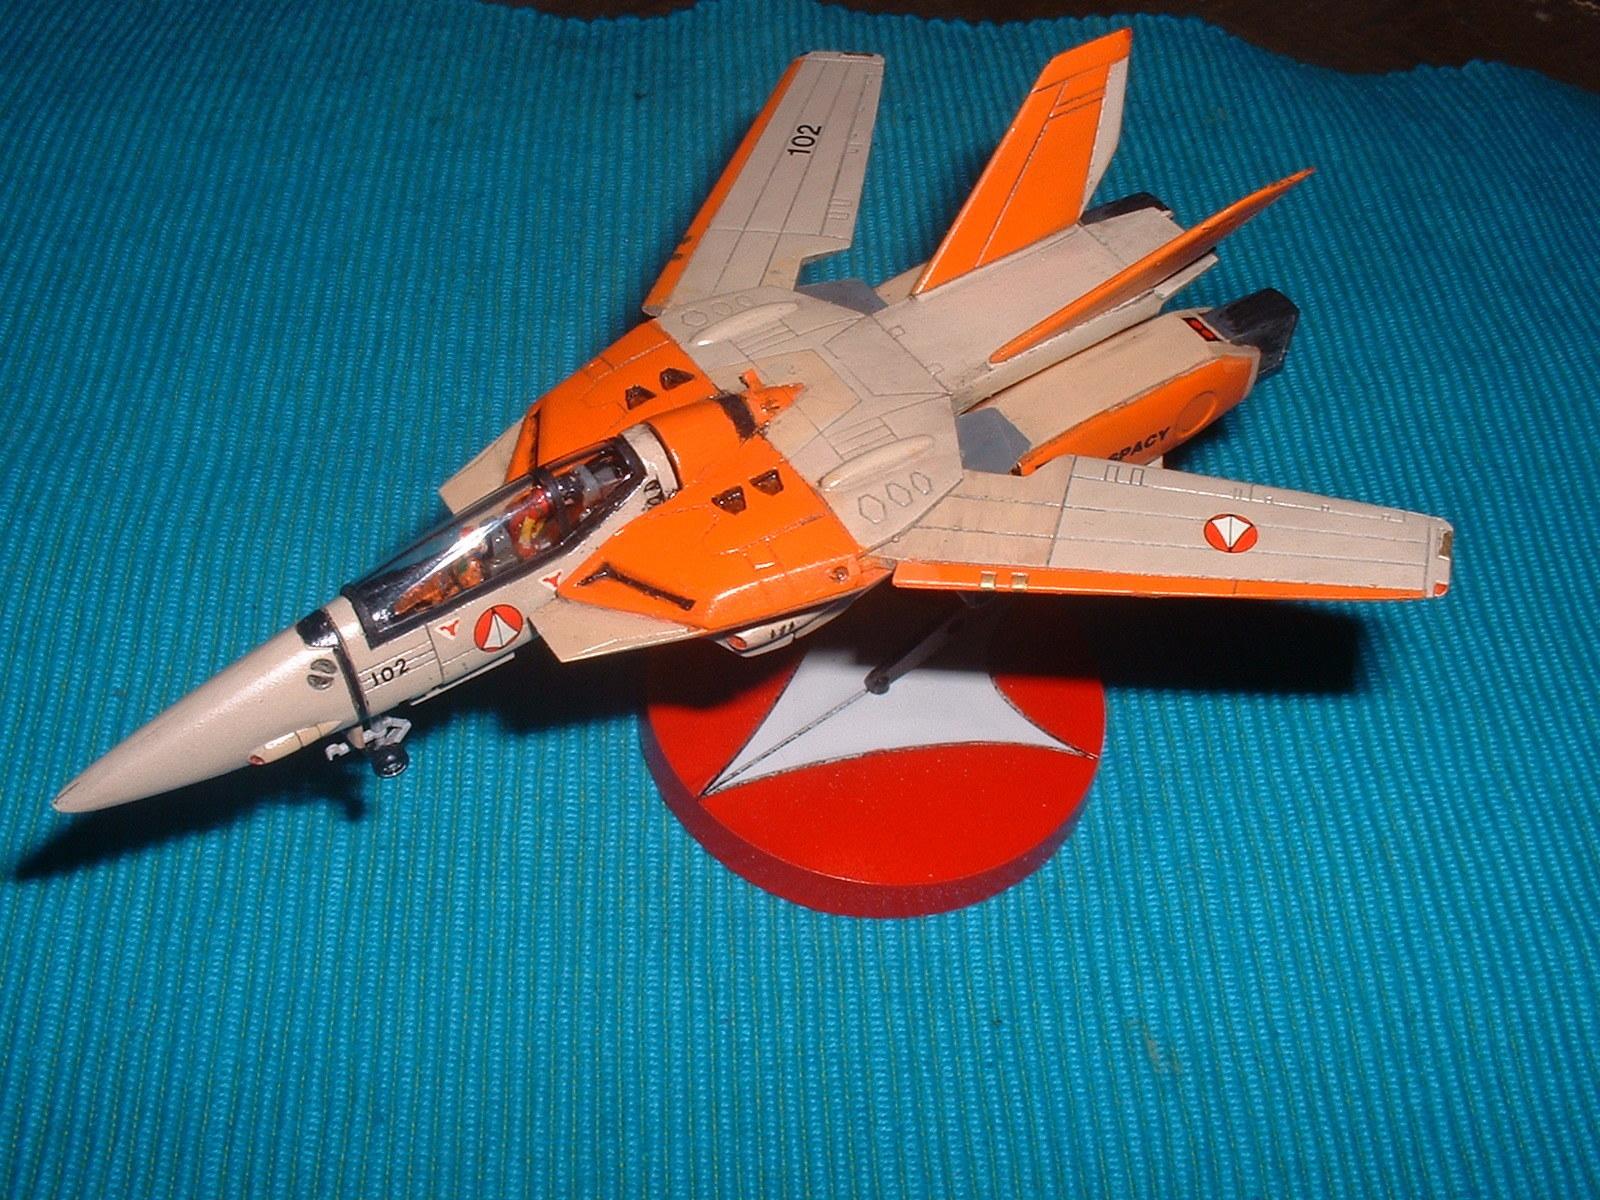 2015.07.20 完成 有井 100分の1 「VF-11Dファイター」その2 Doburoku-TAO.JPG